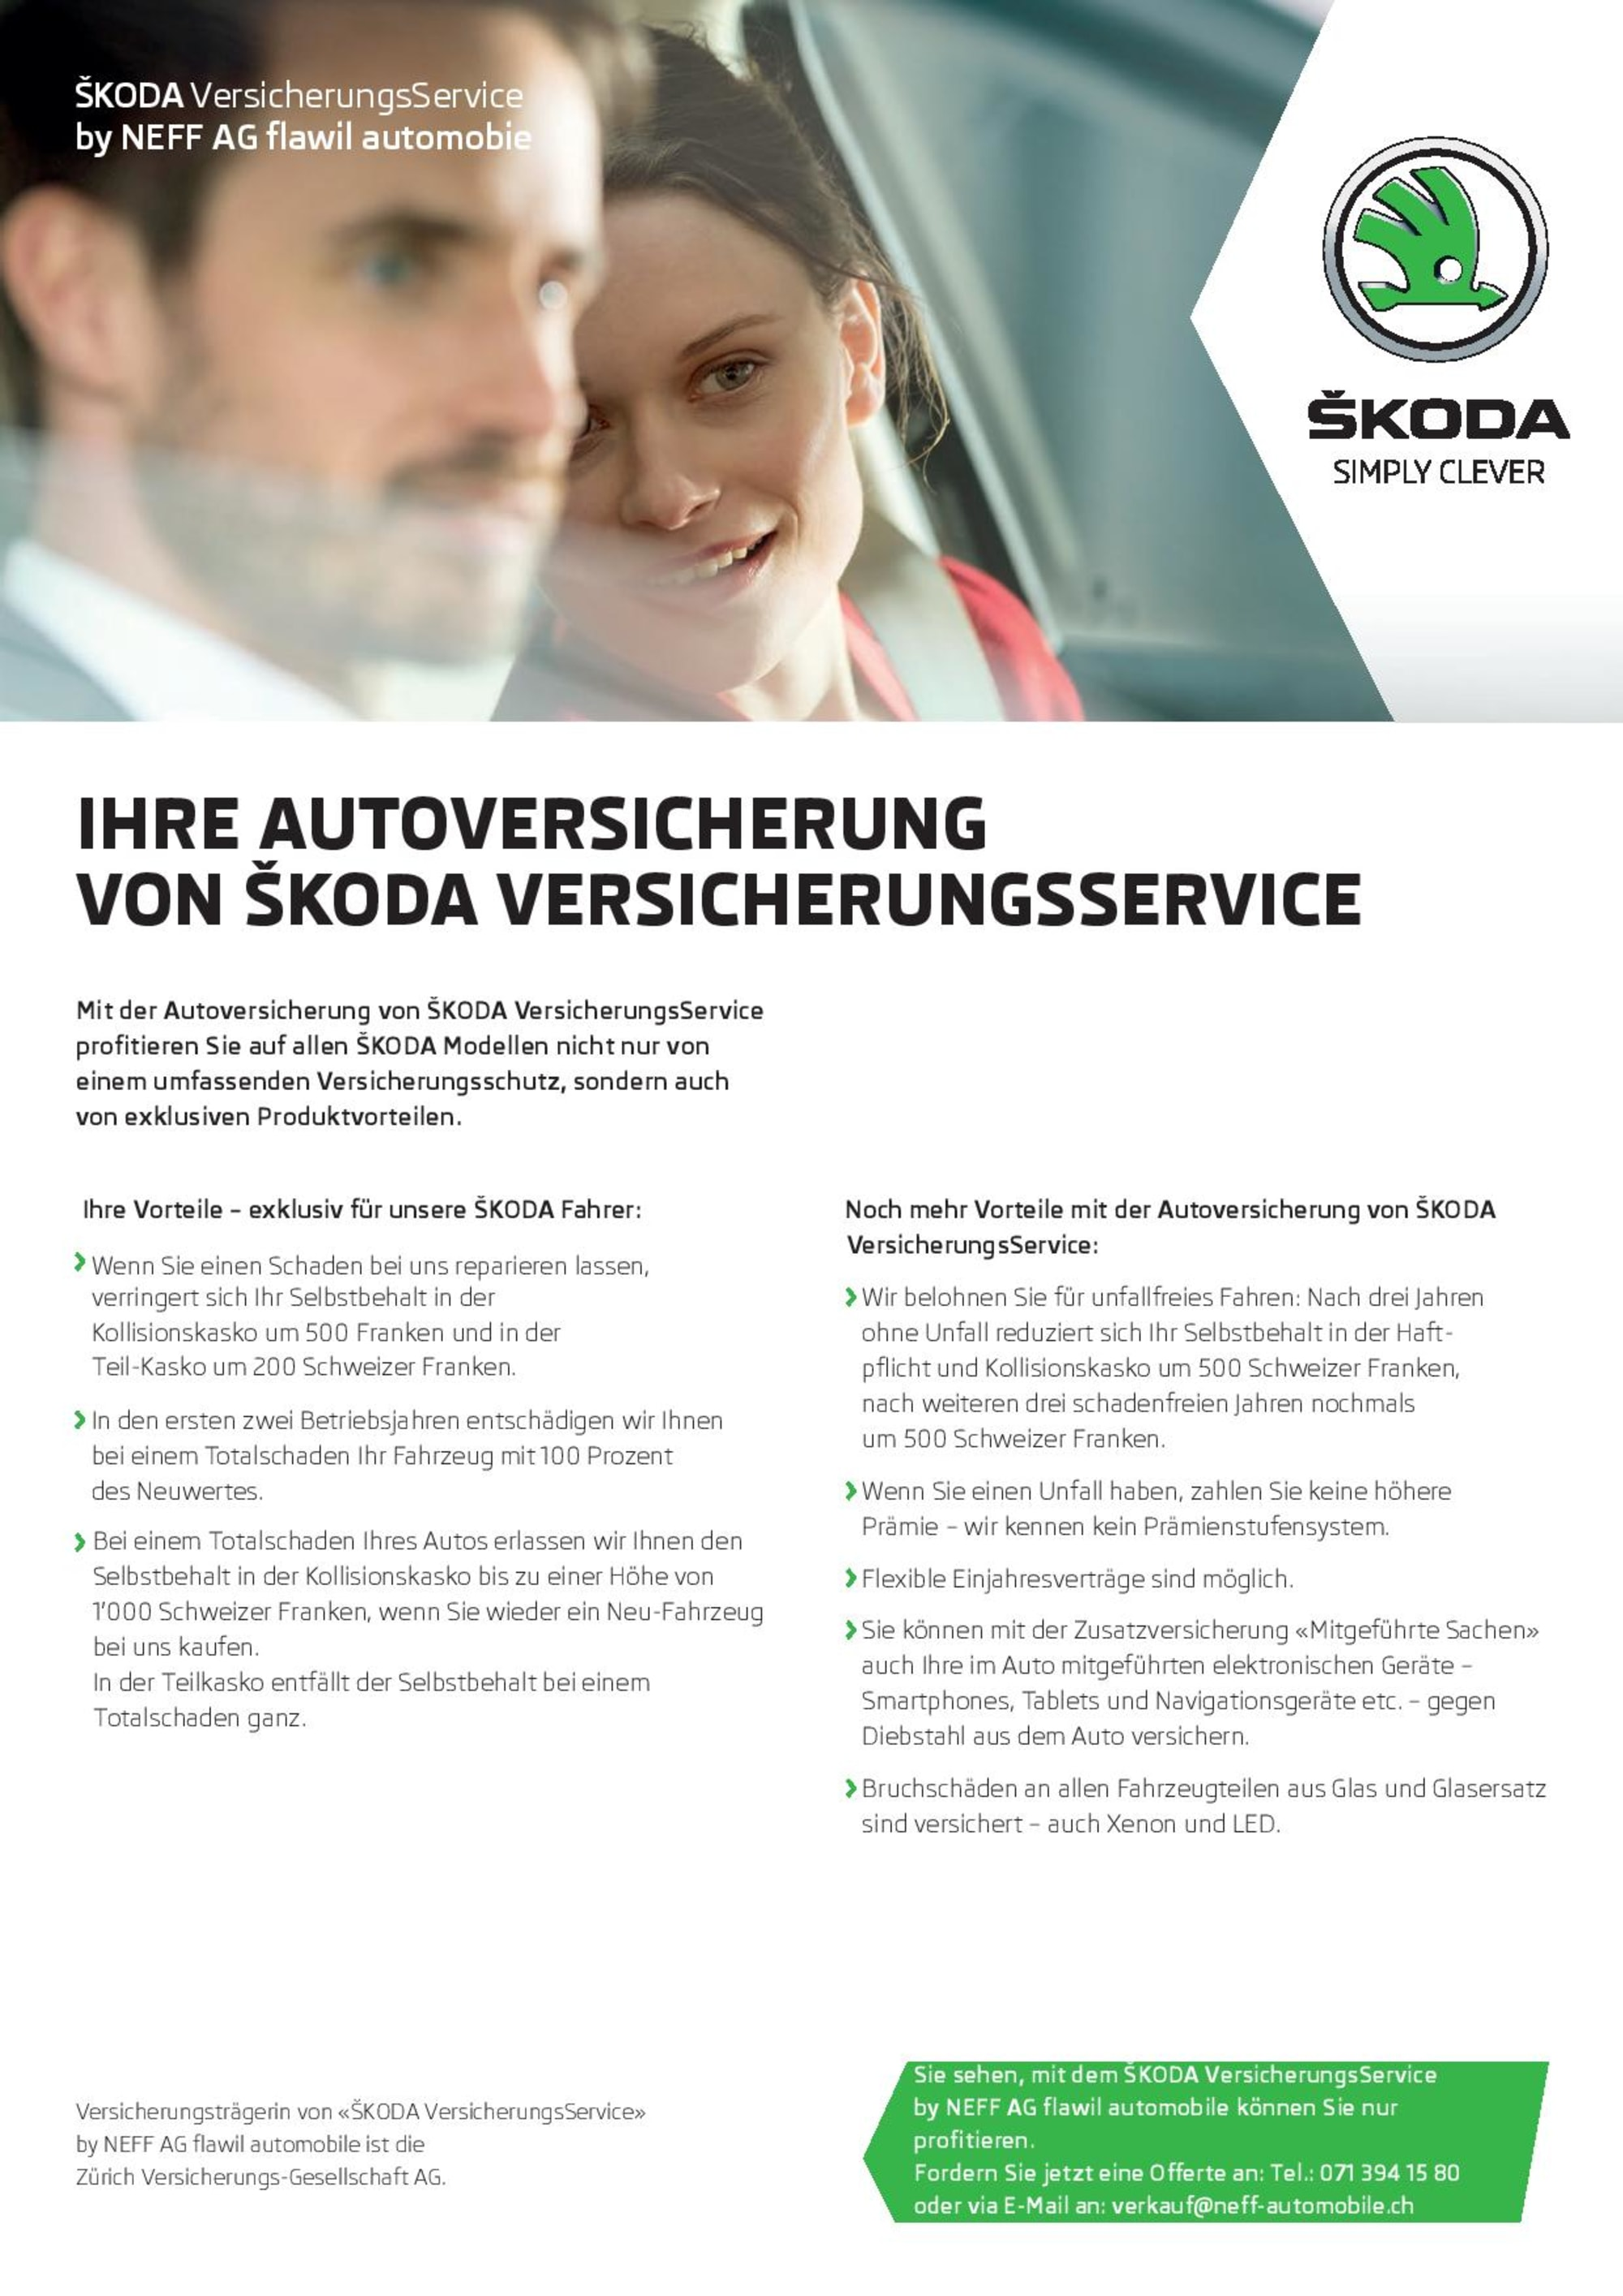 Factsheet SKODA Versicherung DE-page-001